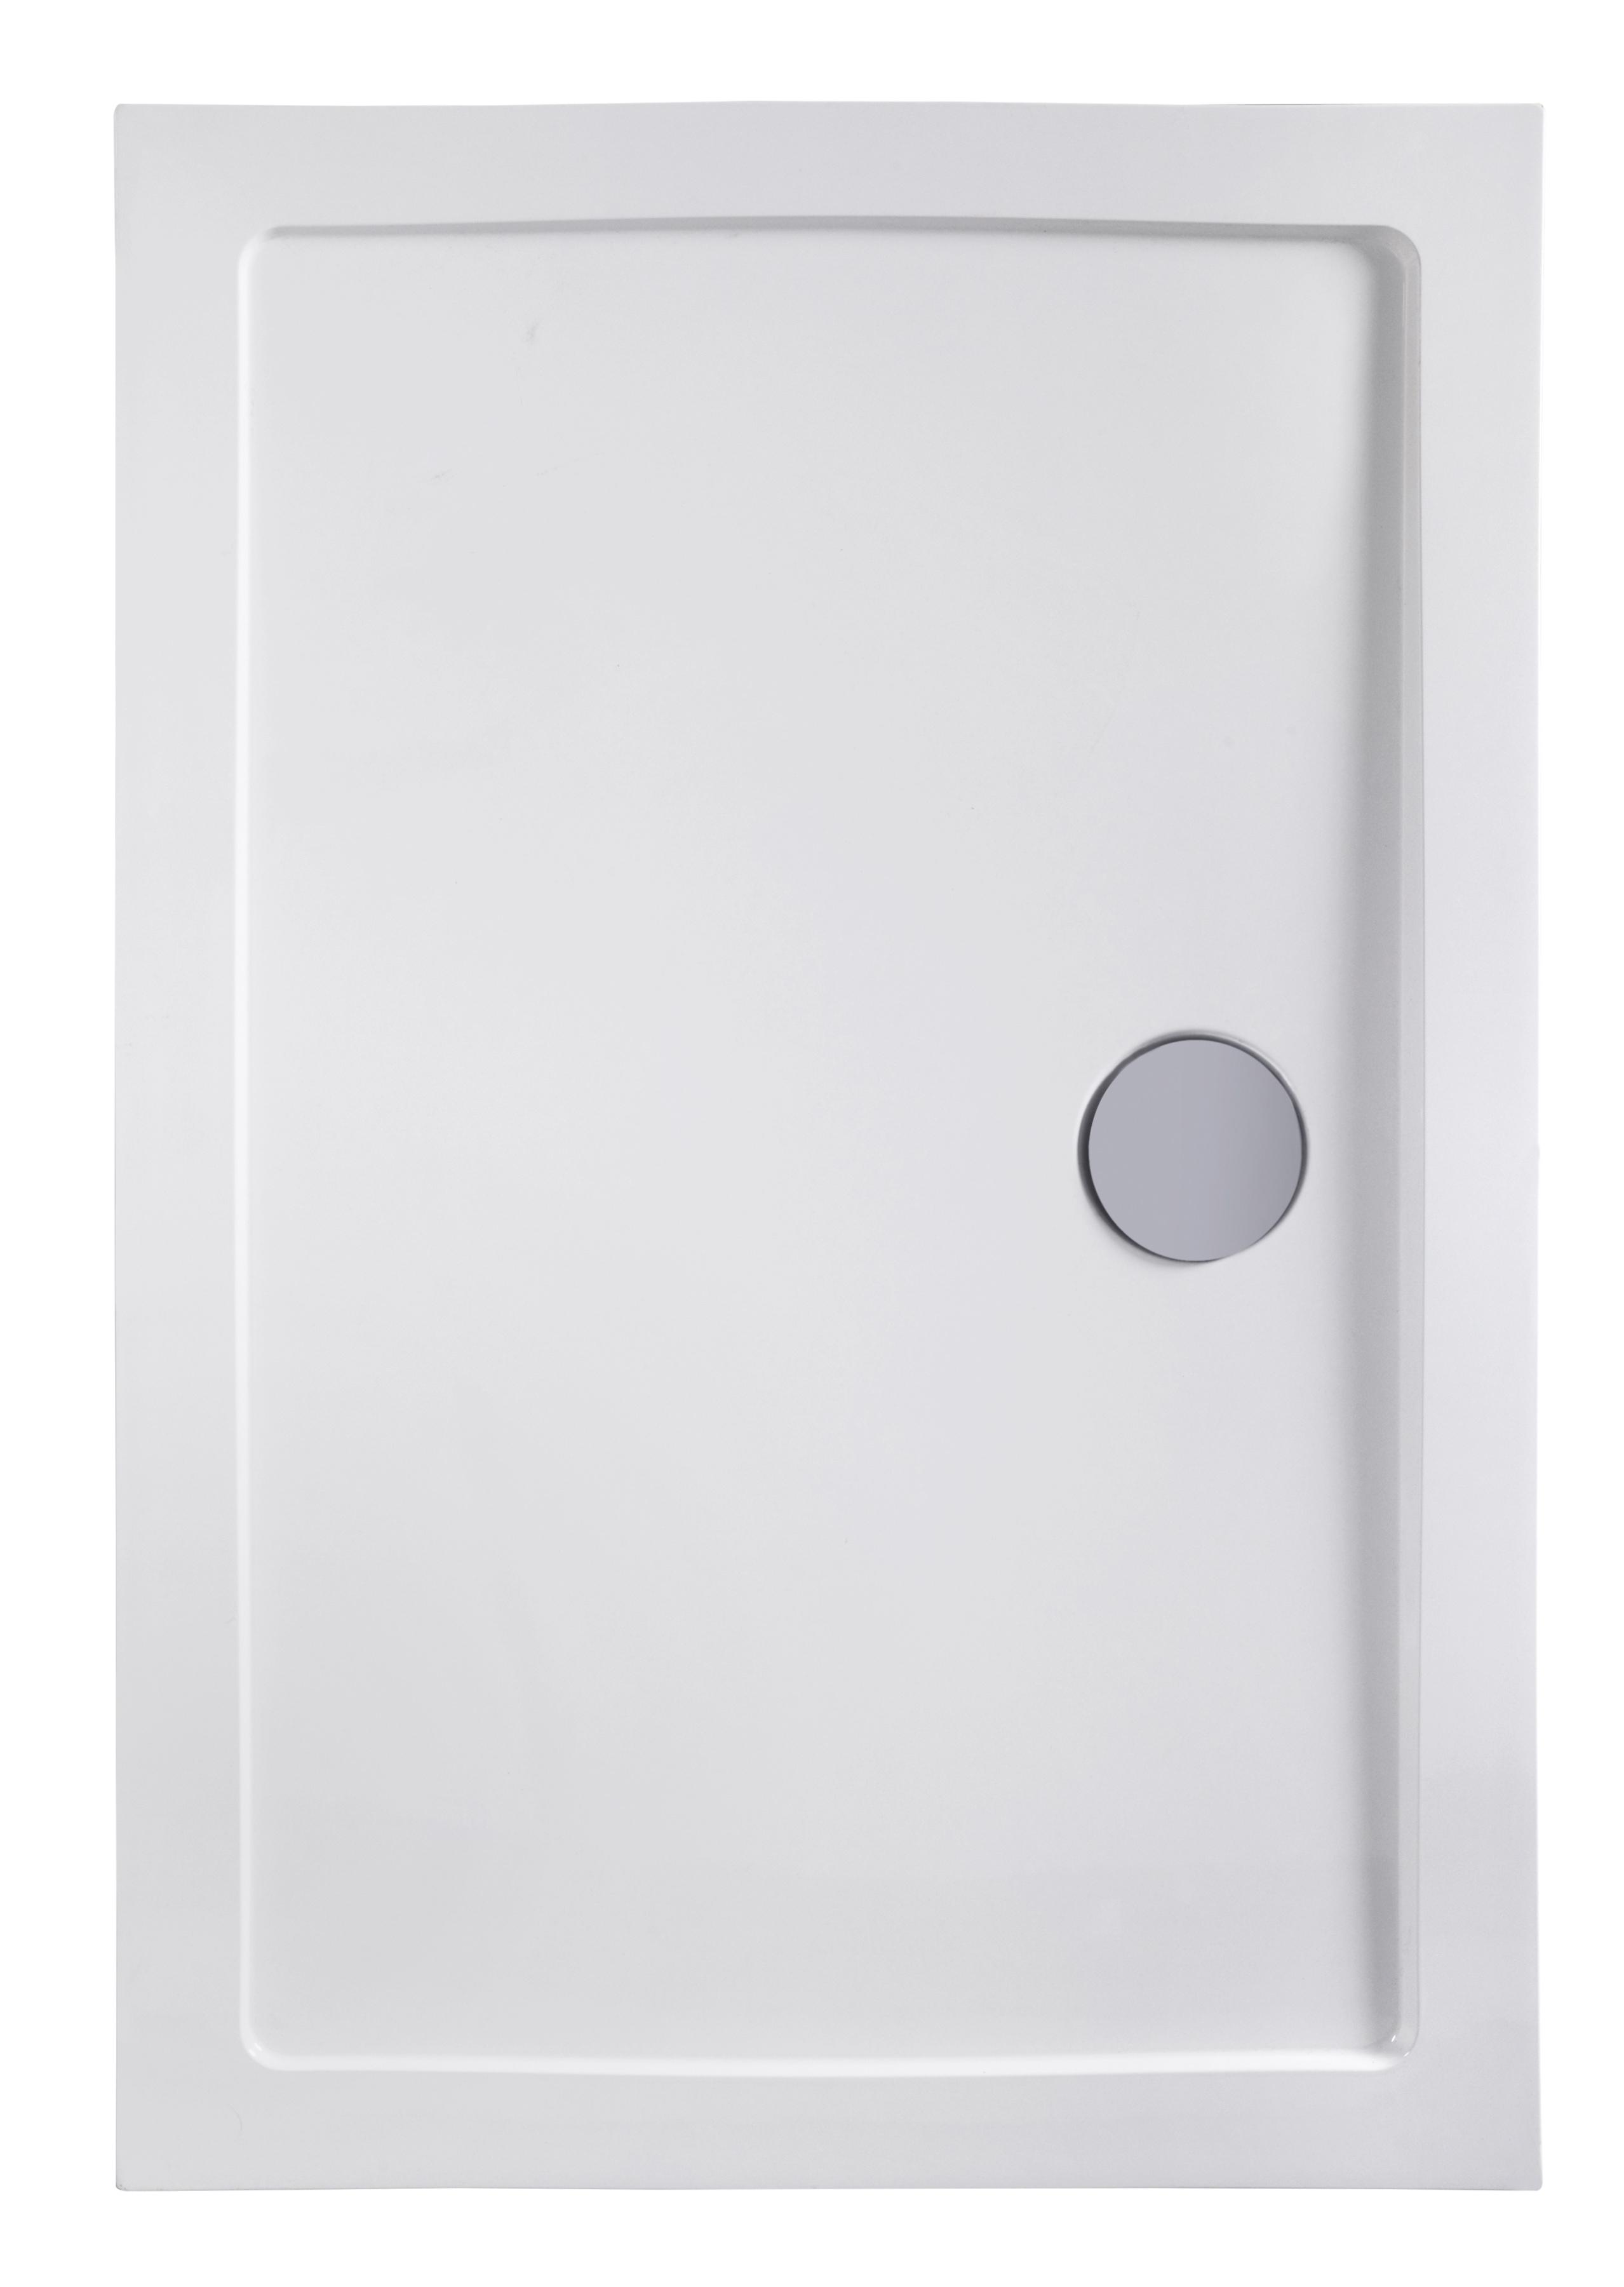 welltime Duschwanne SMC, BxT: 120 x 90 cm weiß Duschwannen Duschen Bad Sanitär